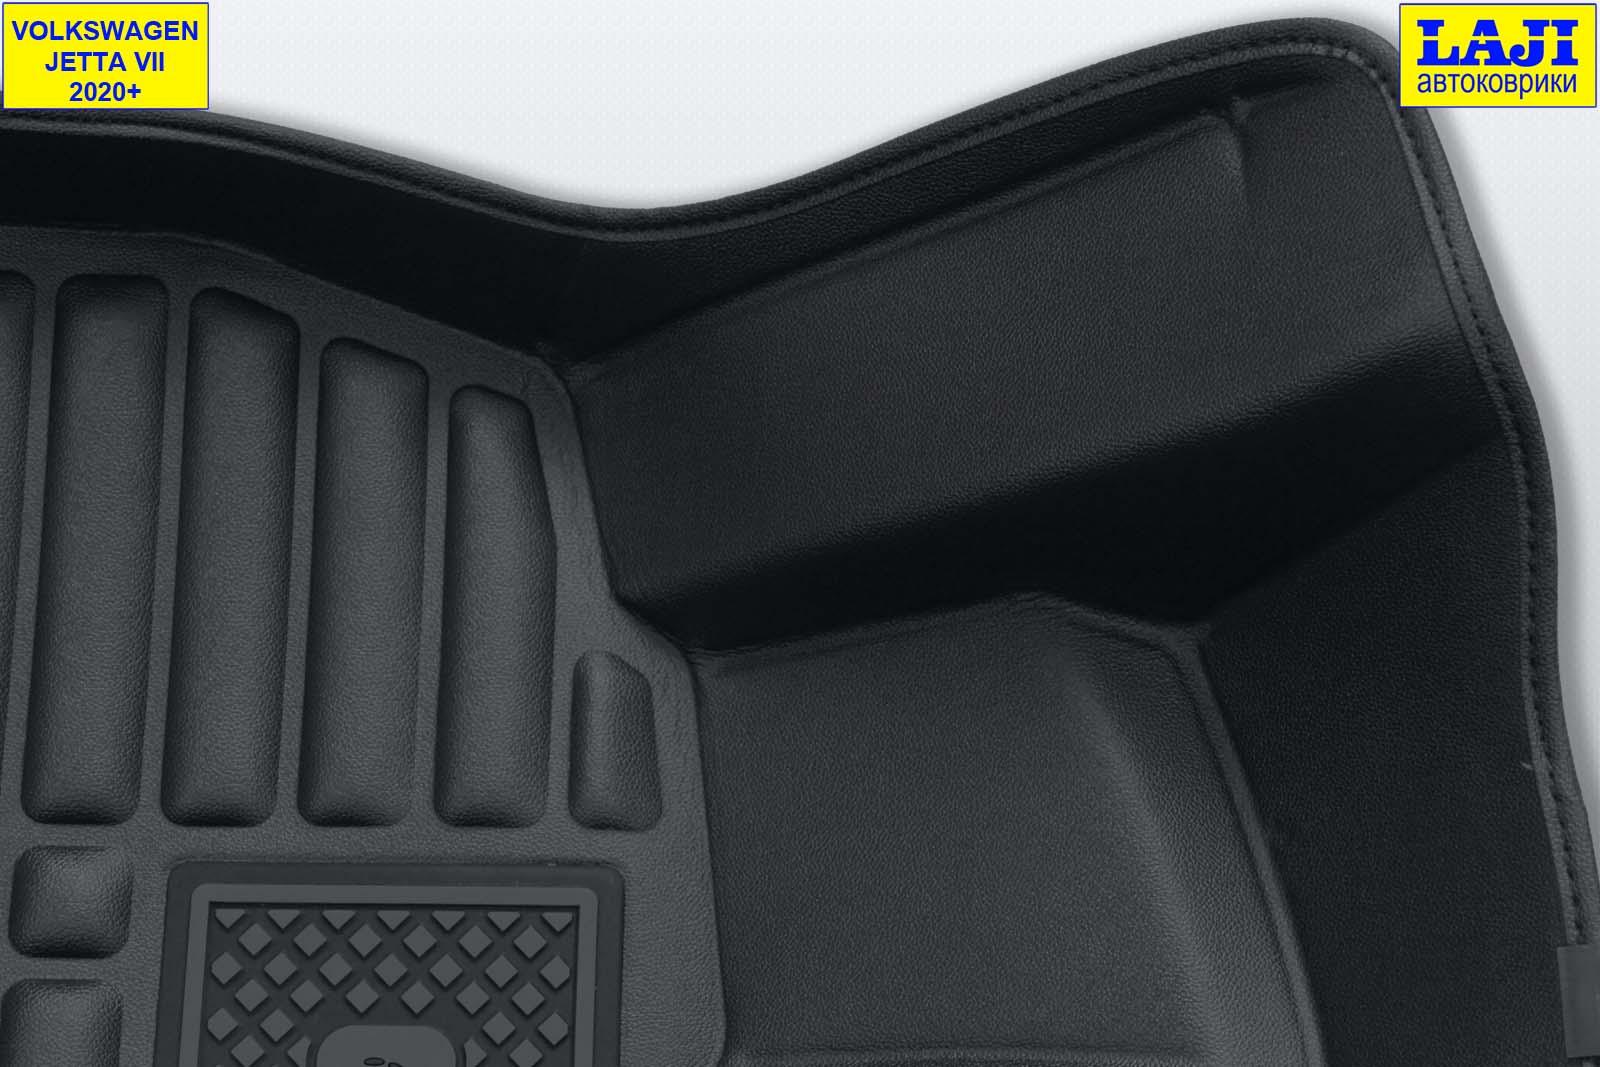 5D коврики в салон Volkswagen Jetta 7 2020-н.в. 6